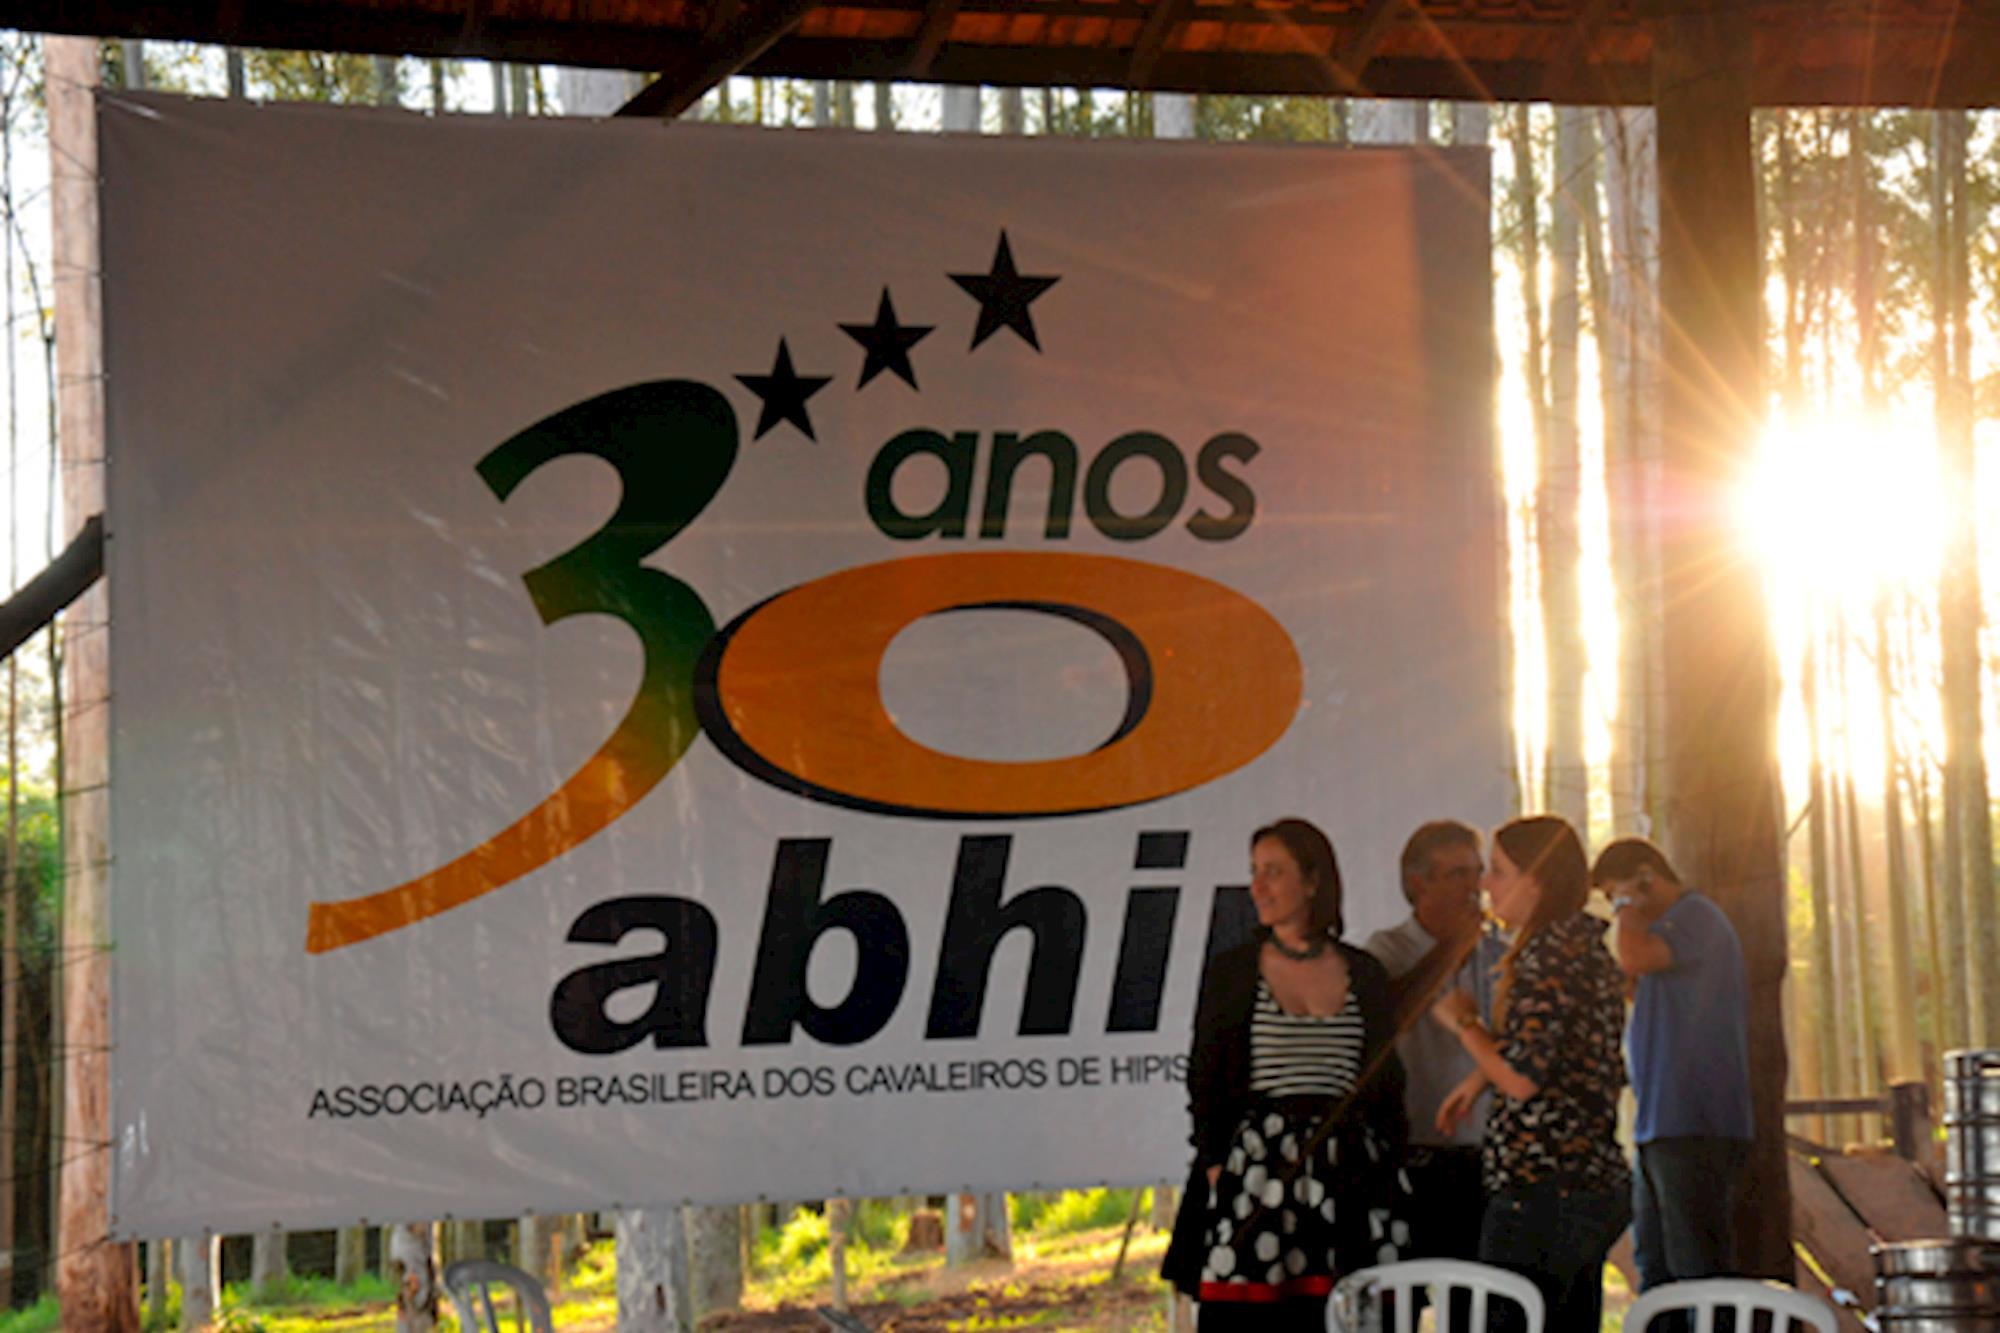 Abhir comemorou 30 anos